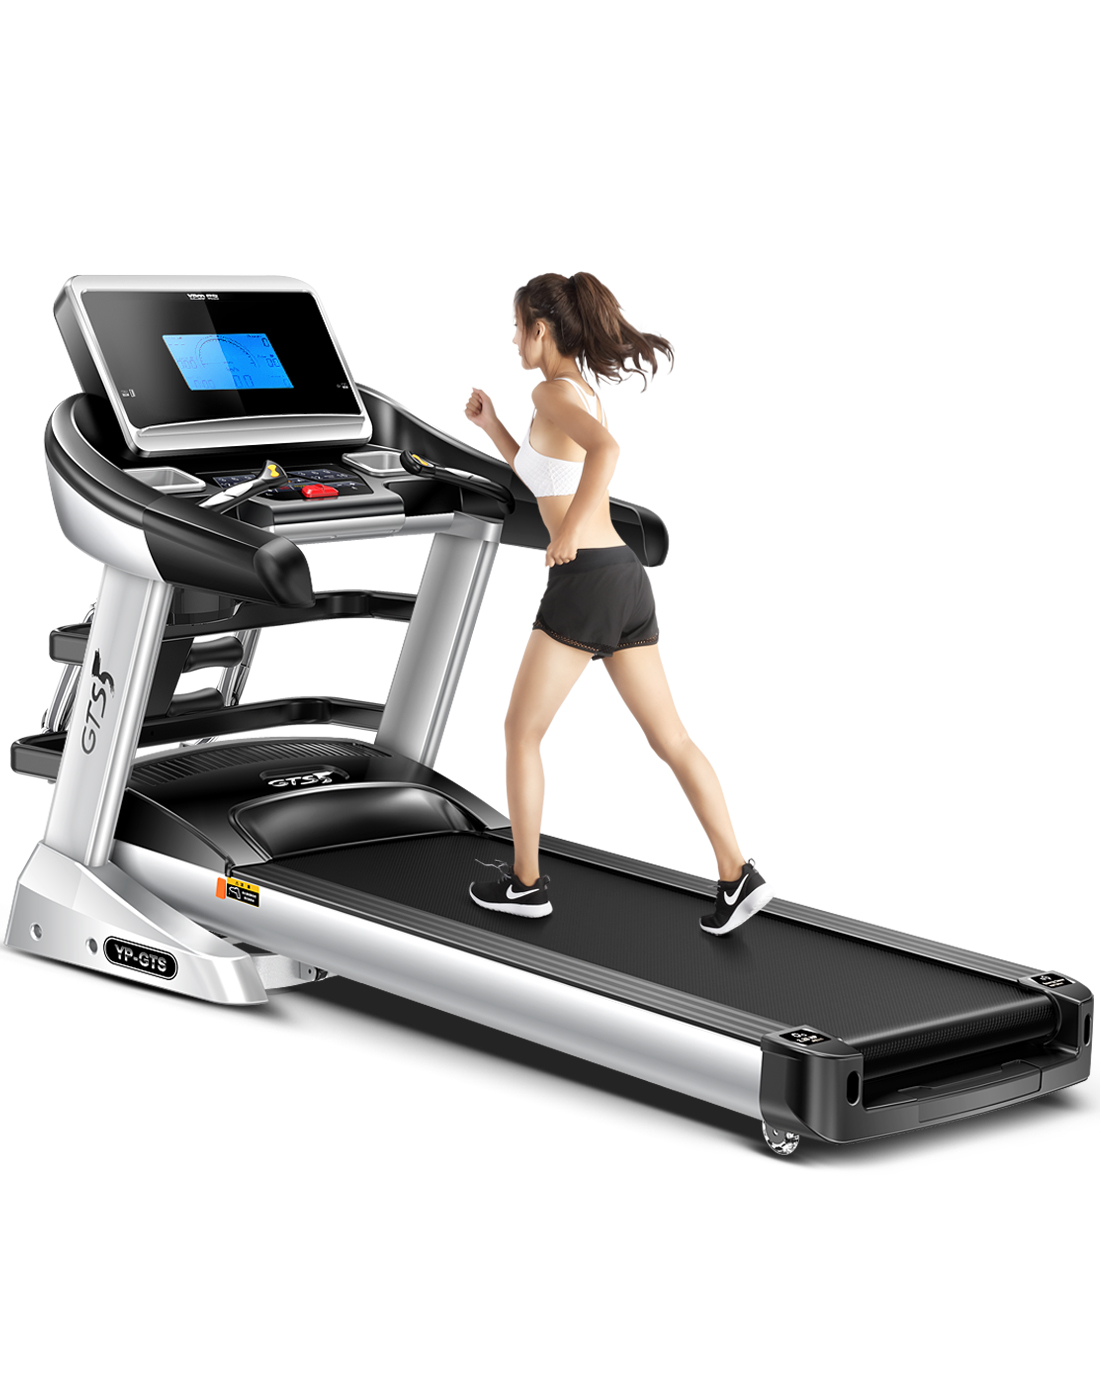 易跑YP-GTS5-1跑步机多功能5吋液晶蓝屏智能家用跑步机